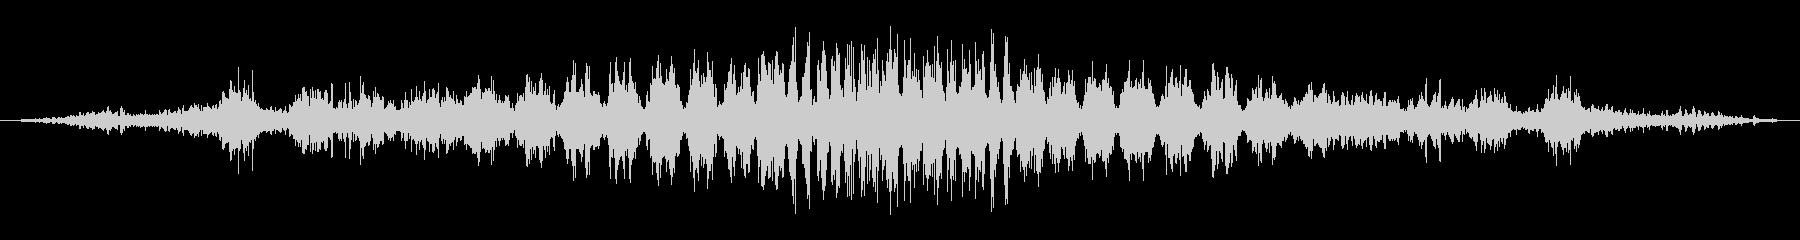 シュワシュワ(回転音)の未再生の波形